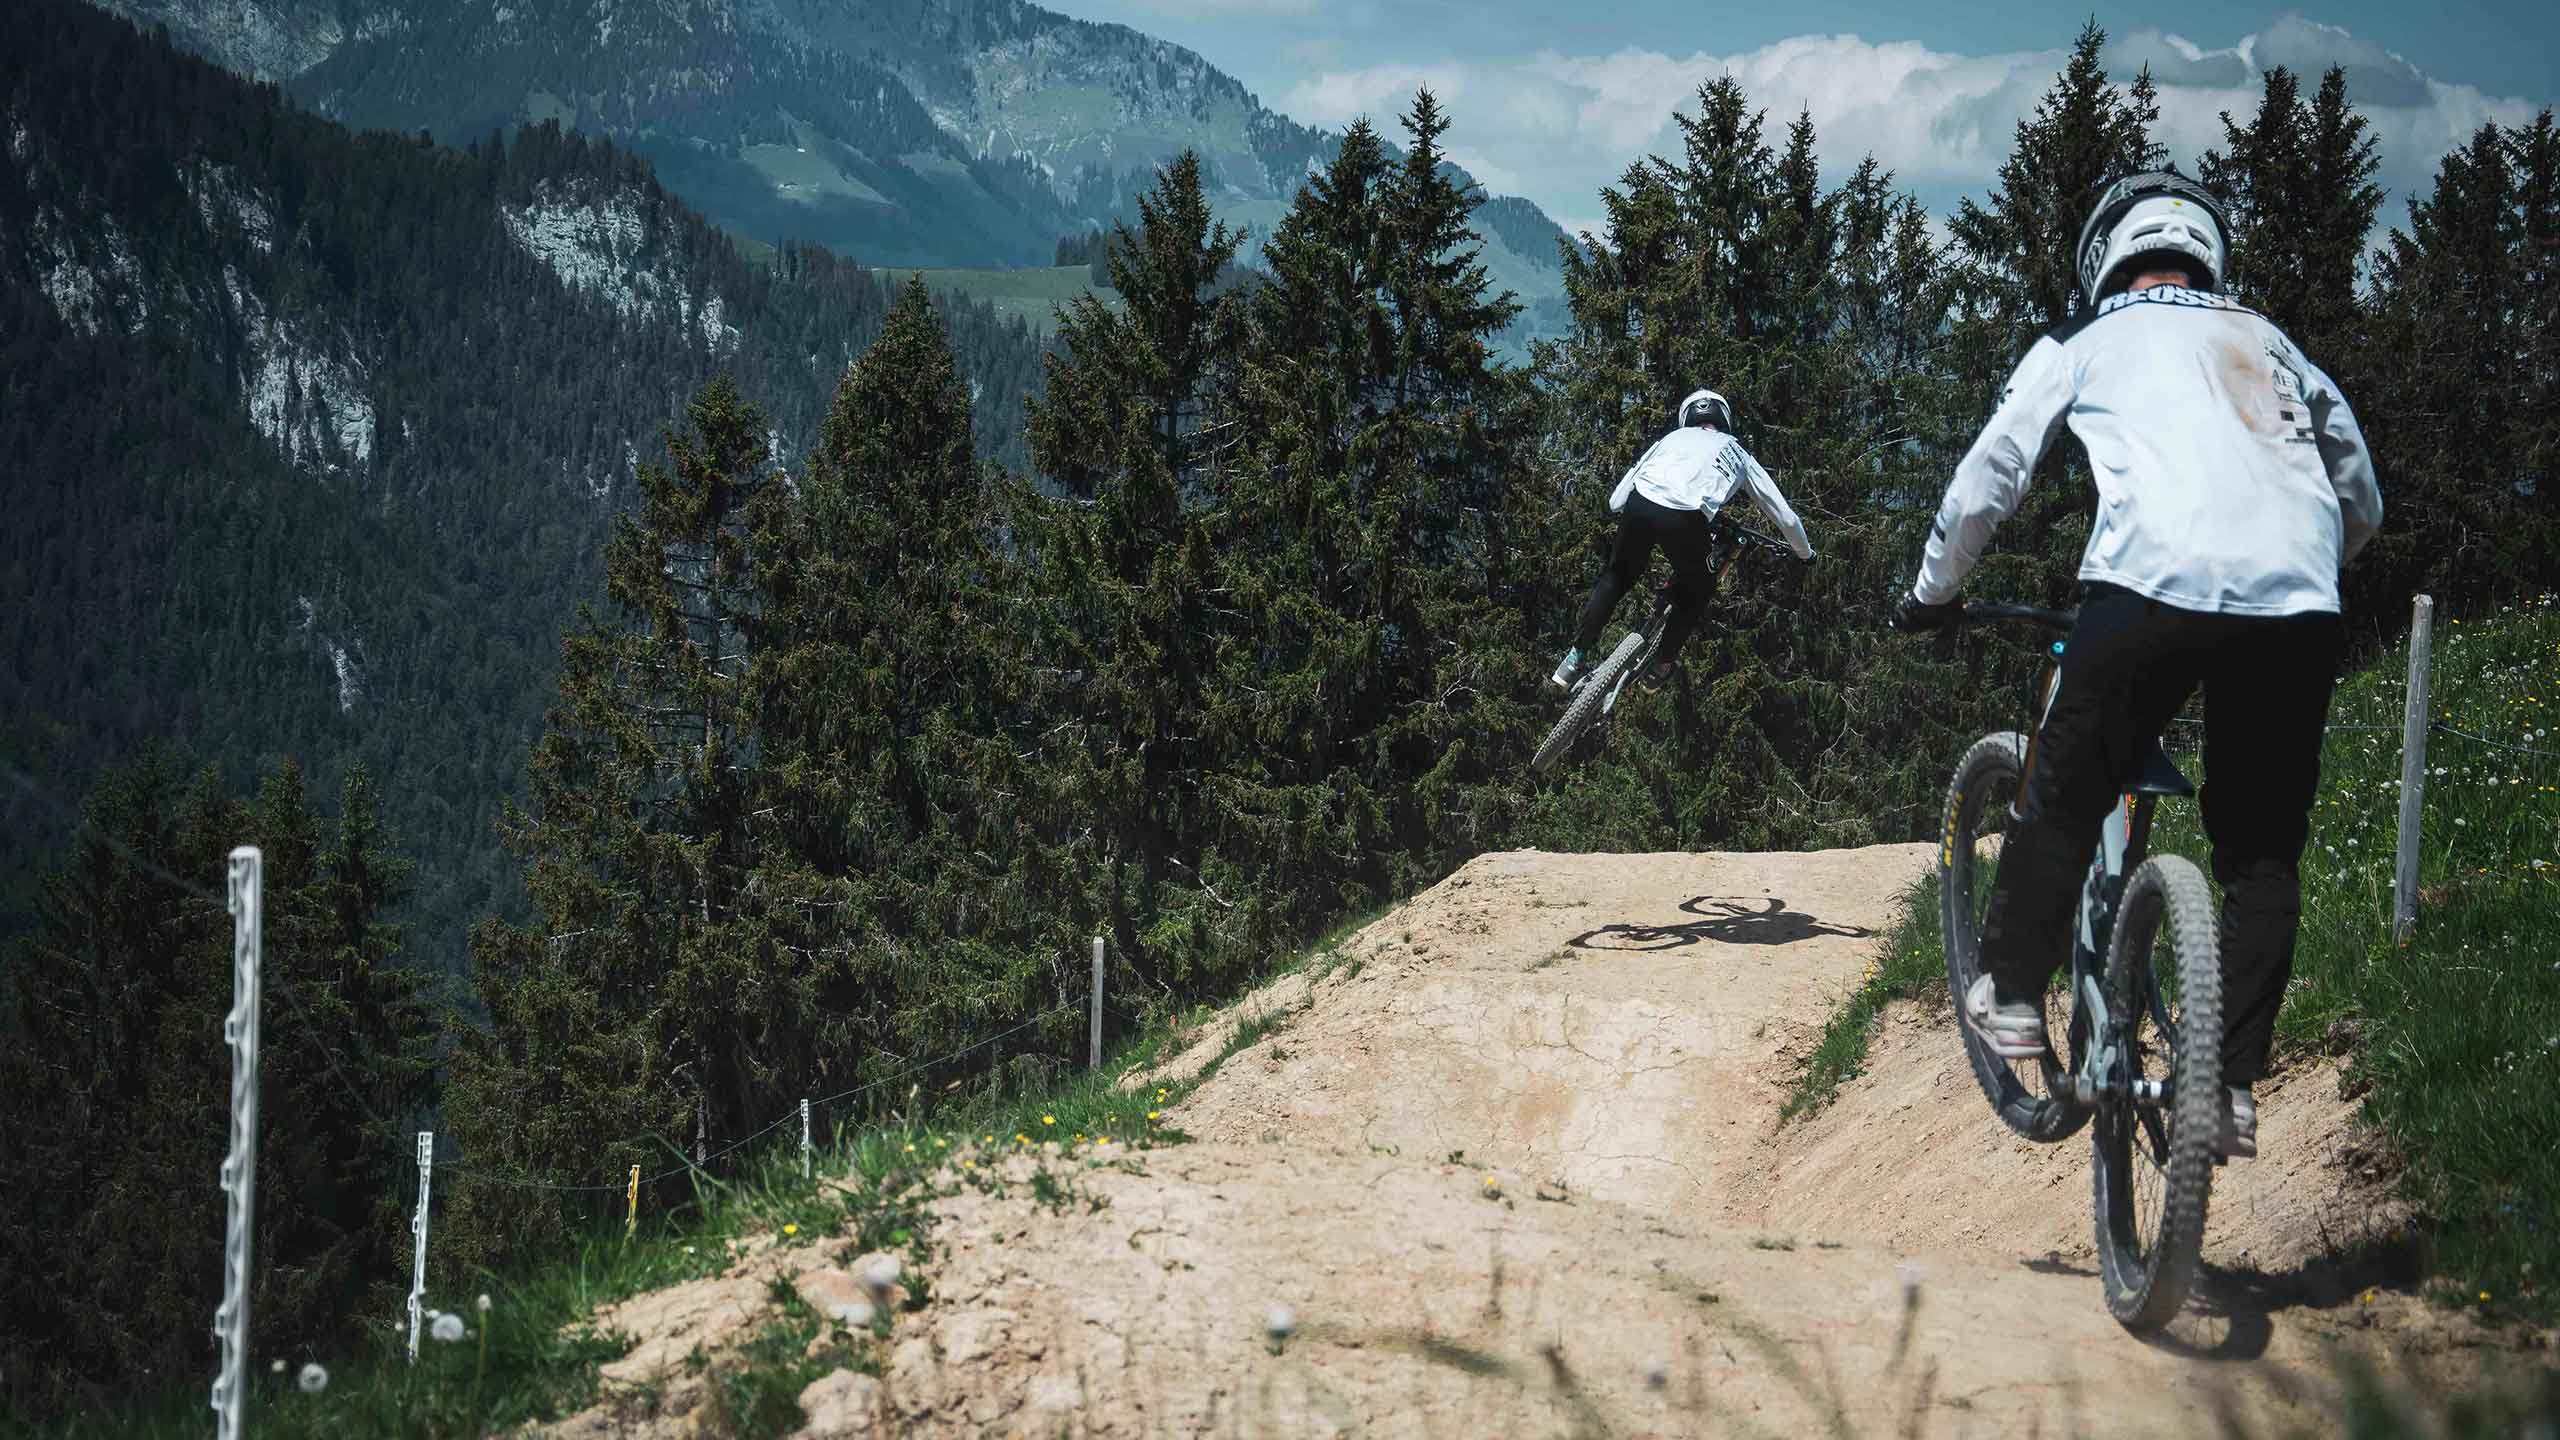 downhill-bikepark-wiriehorn-biker-springen-bei-der-abfahrt.jpg